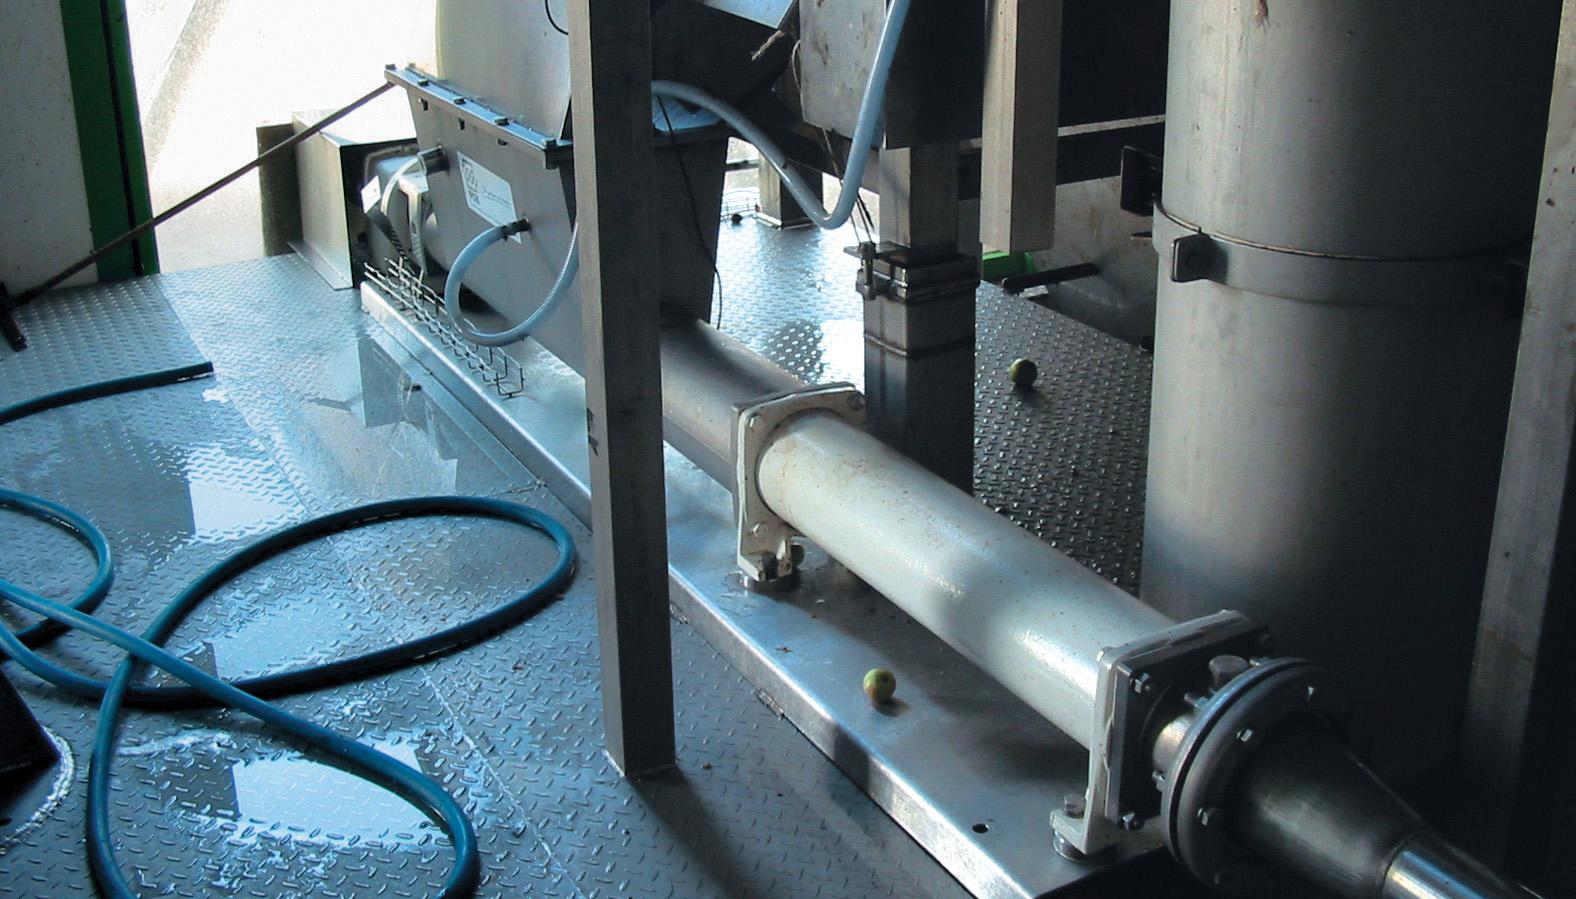 Bombas de tornillo IVA-LVA en el sitio de un cliente